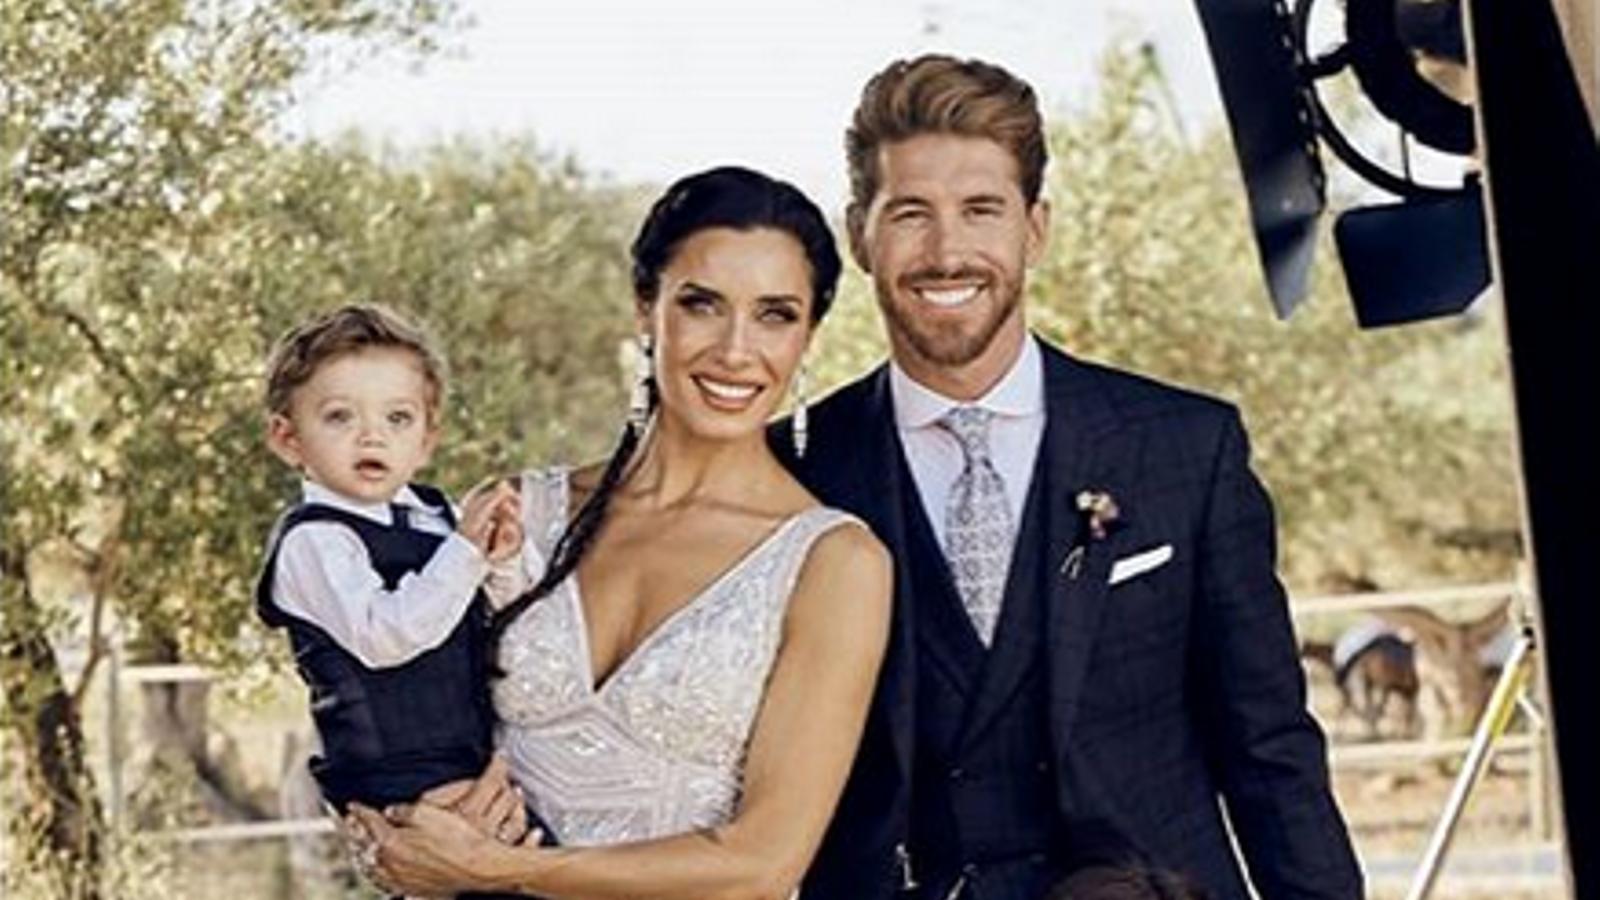 Sergio Ramos i Pilar Rubio en una imatge del dia del seu casament, amb els seus tres primers fills